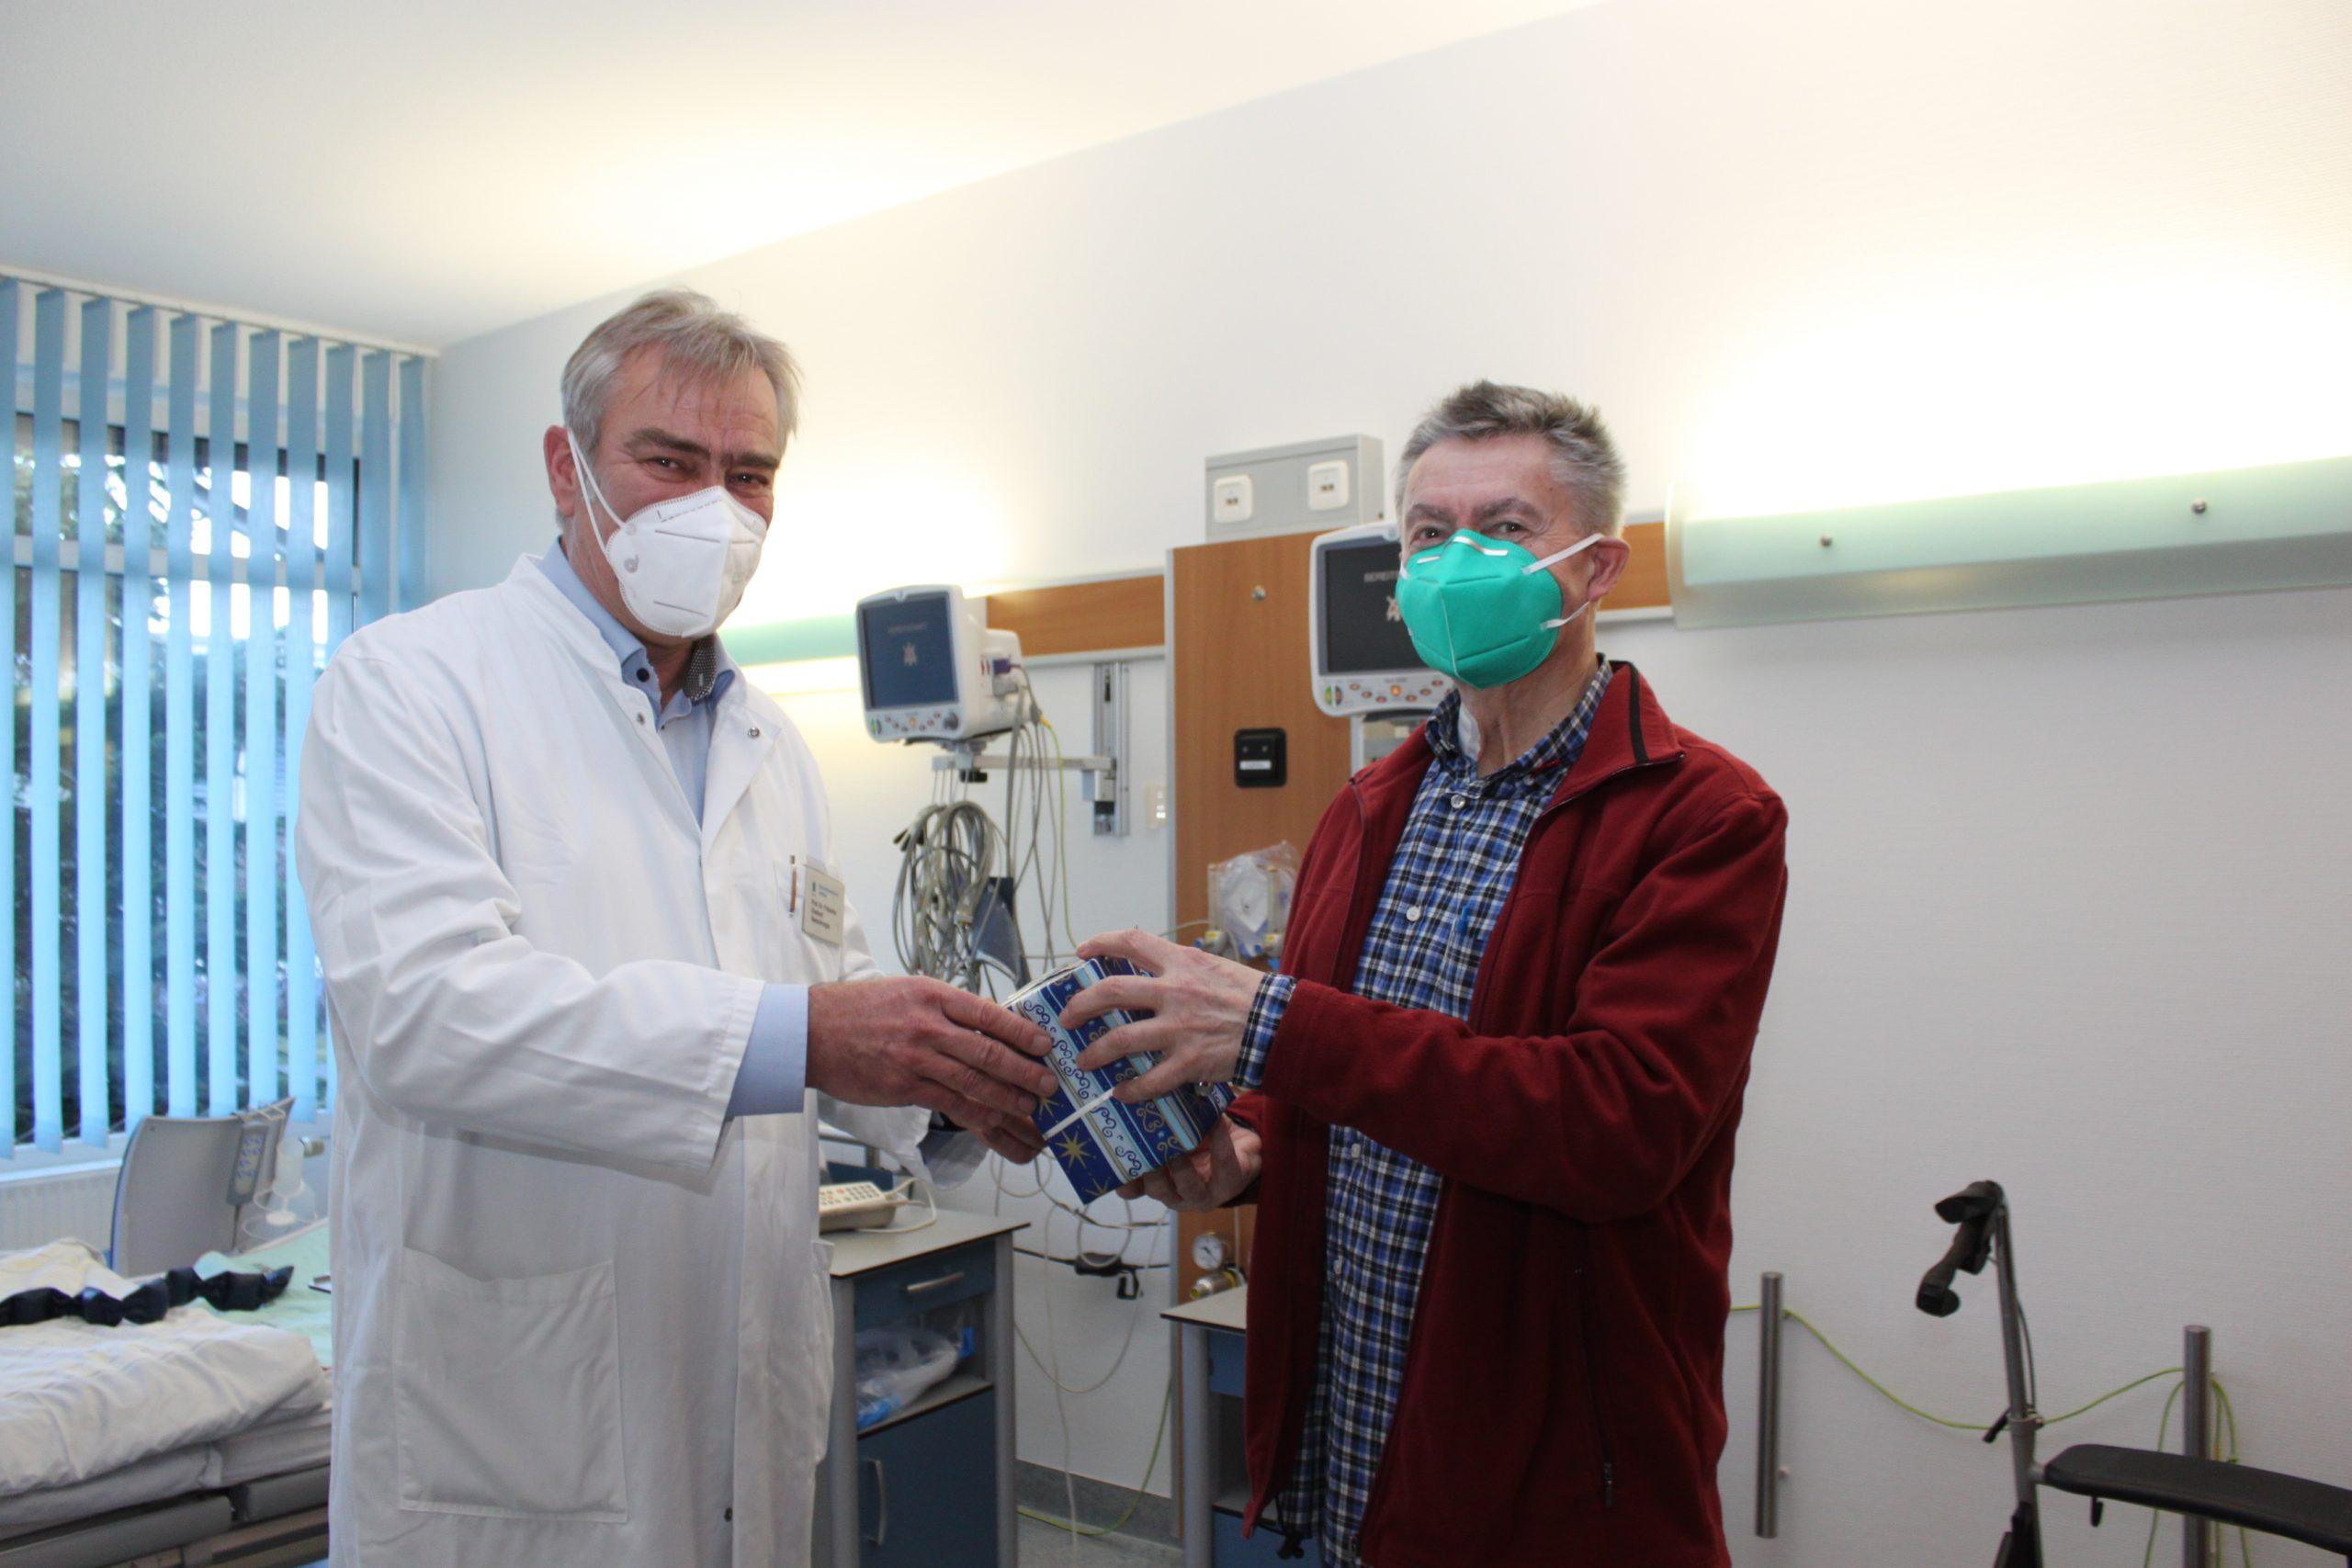 Team des Sana-Herzzentrum Cottbus überrascht Patienten mit Aufmerksamkeiten